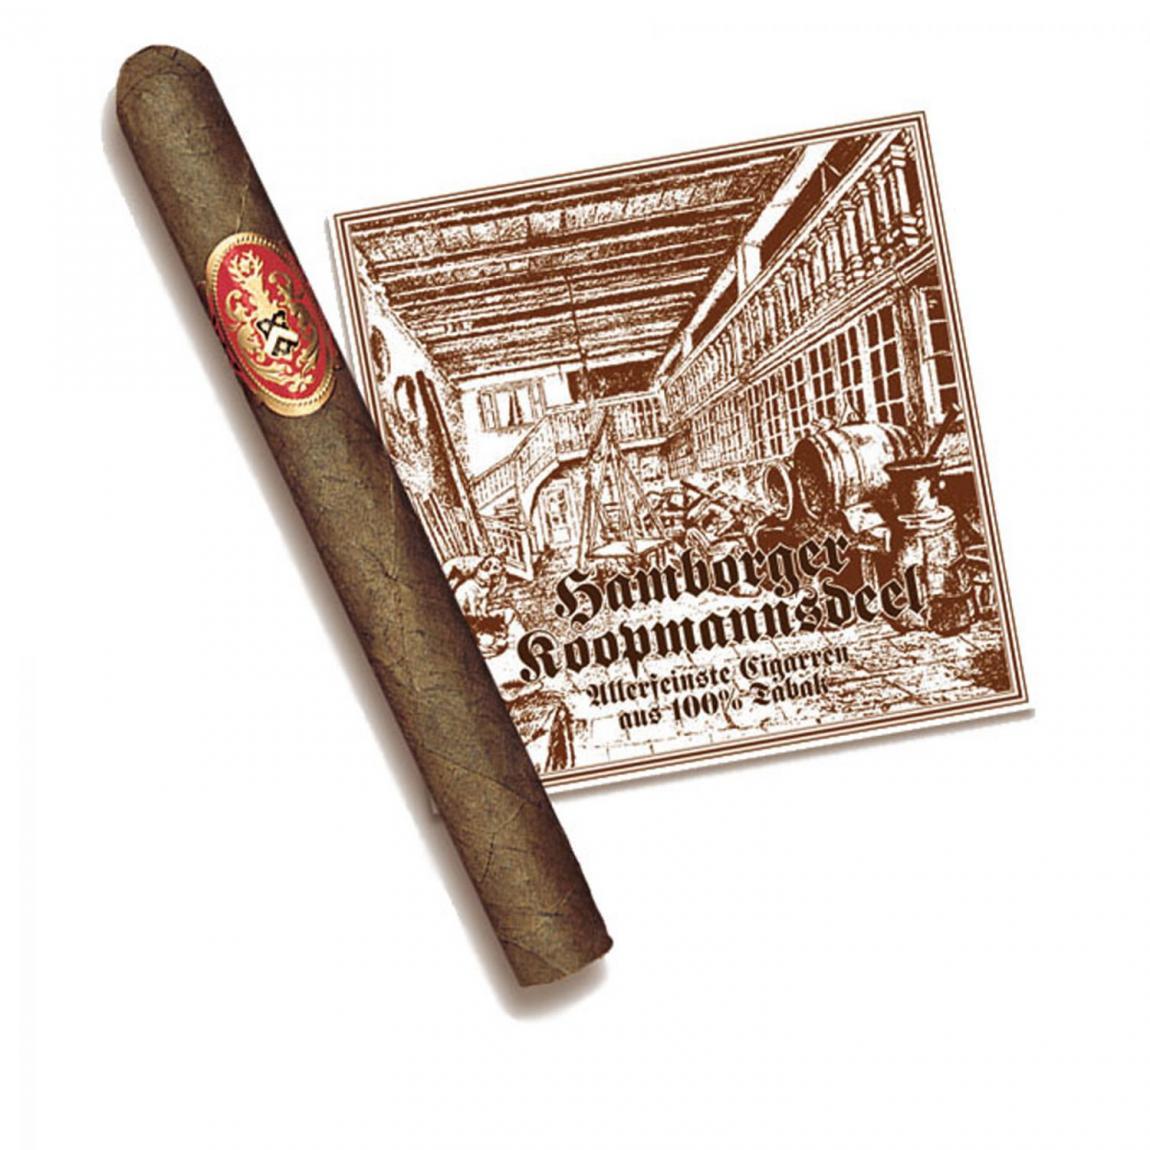 Hamborger Koopmannsdeel Sumatra No. 5 Corona 30er Kiste